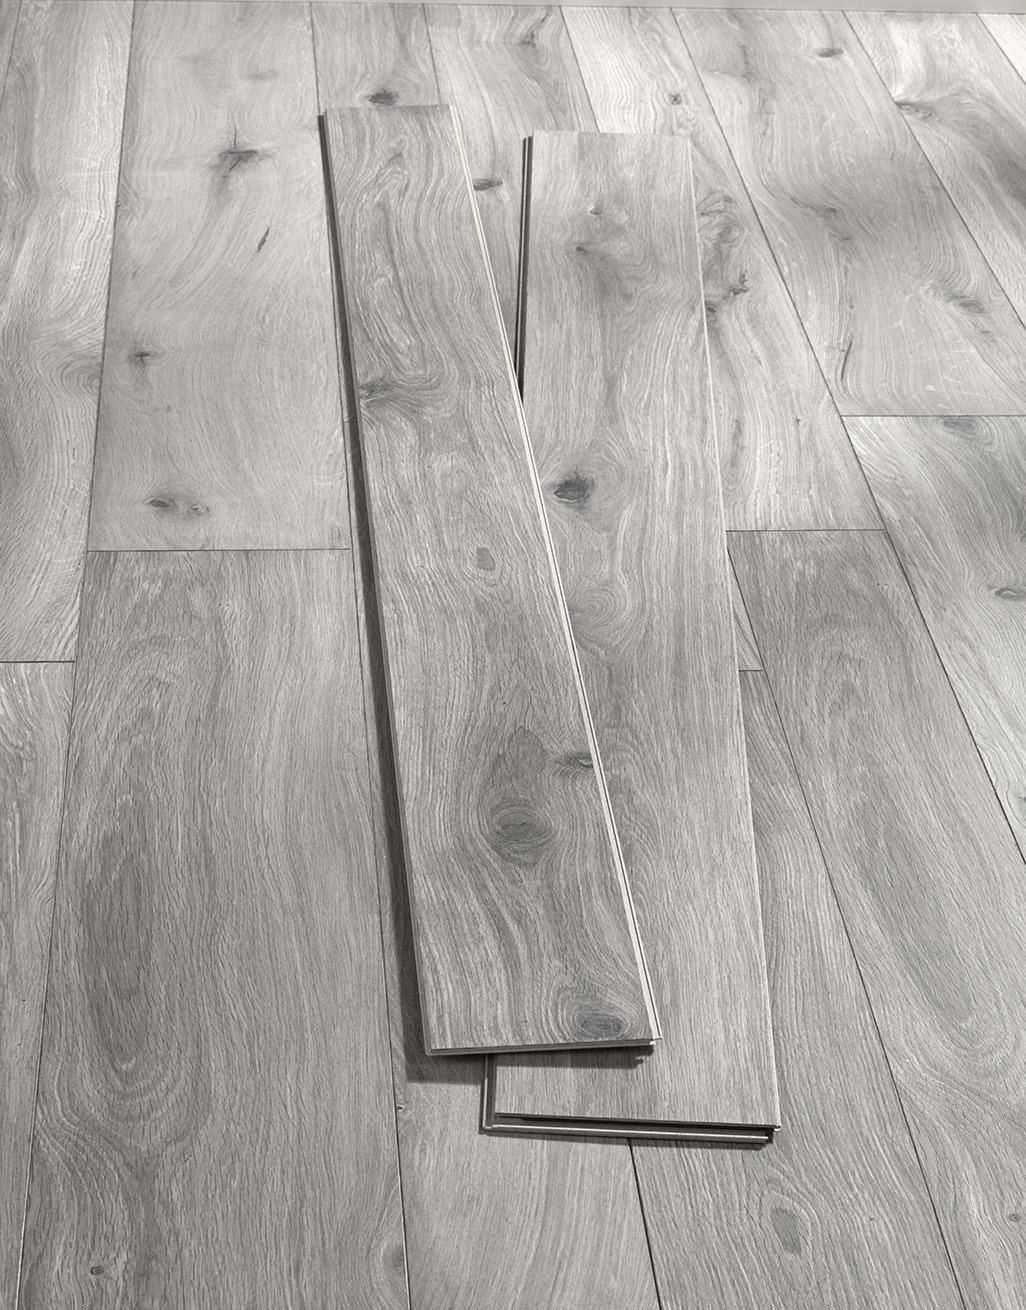 Coastal Grey Oak Laminate Flooring, Gray Barnwood Laminate Flooring